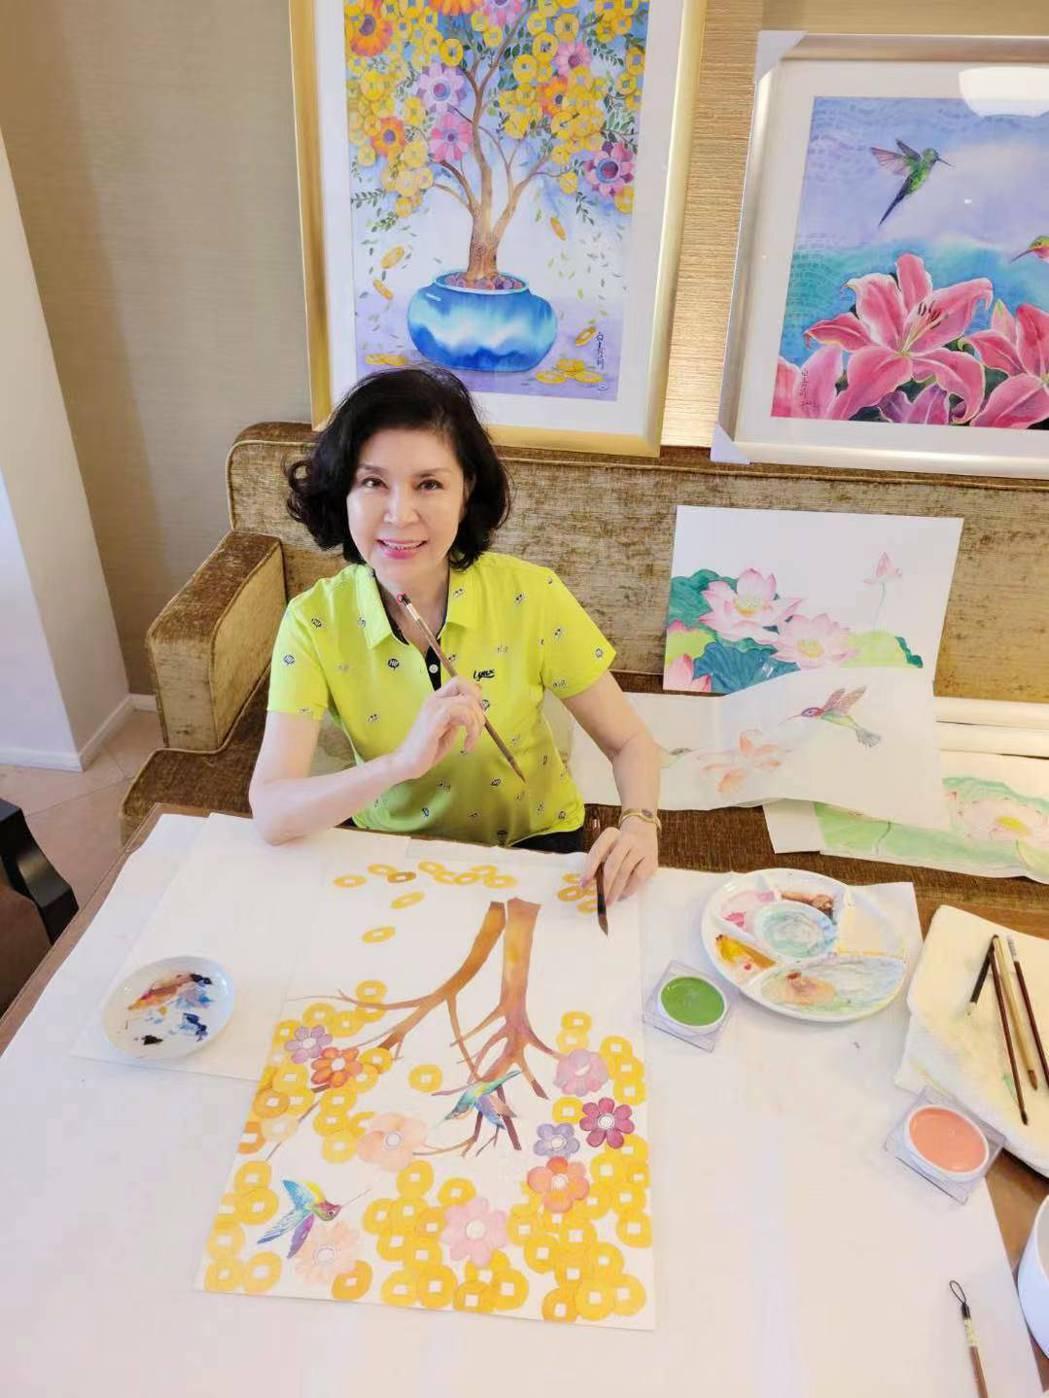 白嘉莉在房間內潛心創作,揮灑她對色彩的熱愛。圖/白嘉莉提供